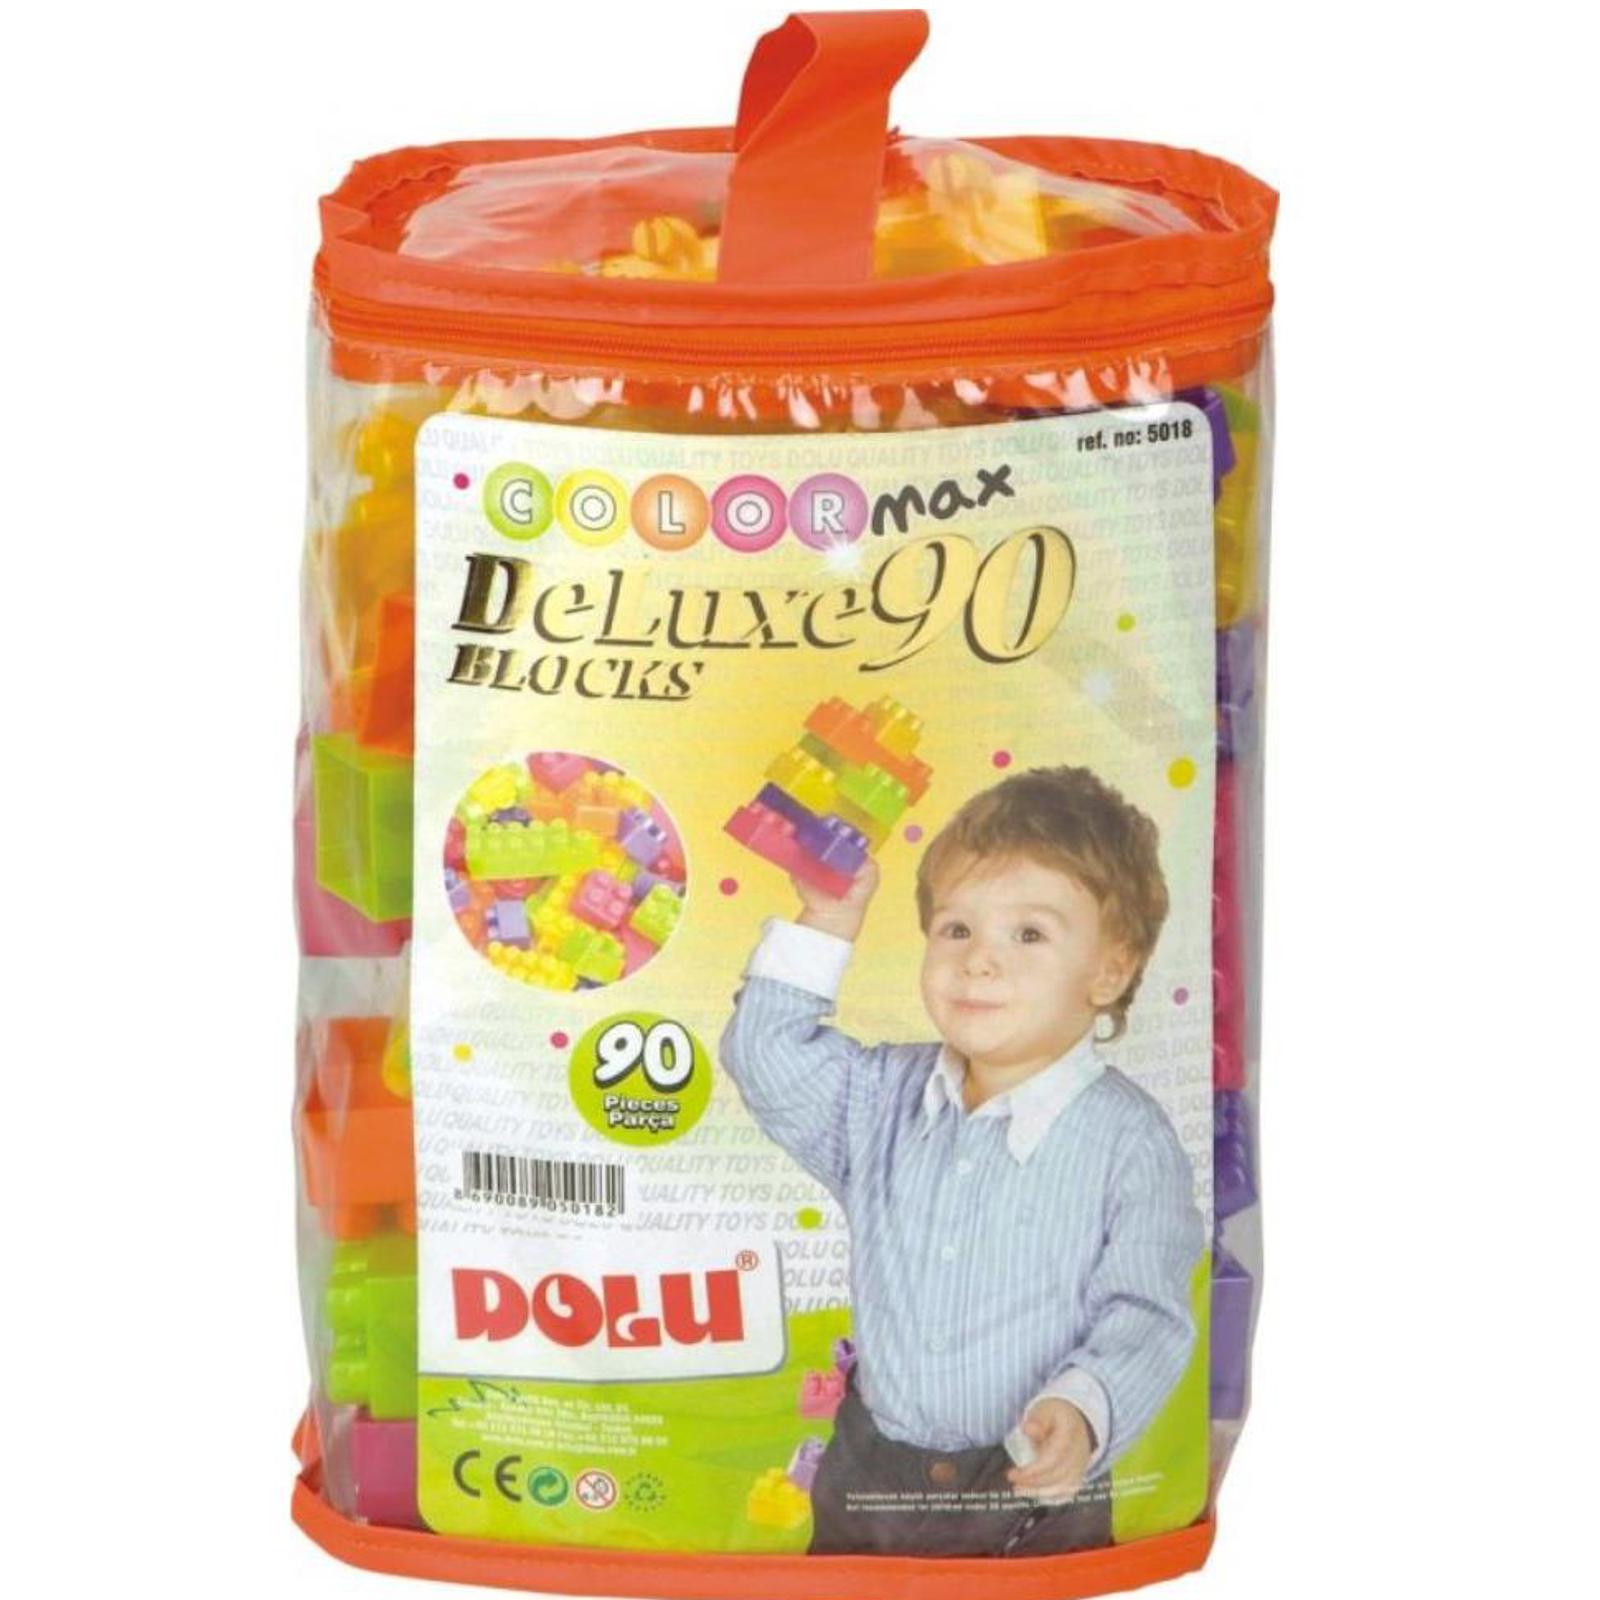 Конструктор Dolu 90 деталей от Младенец.ru